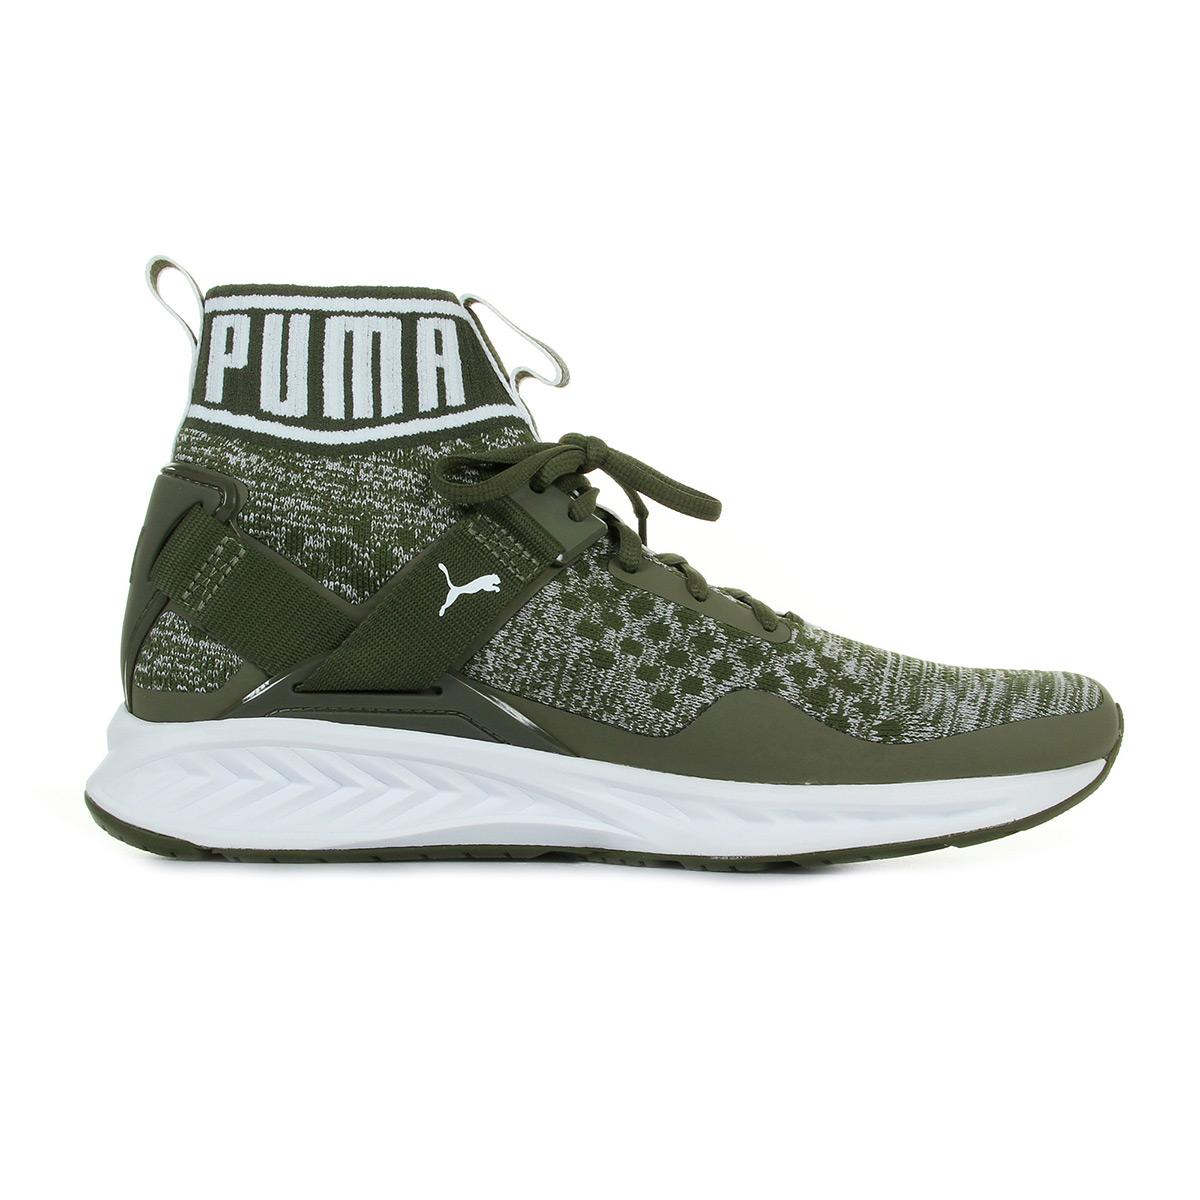 Puma IGNITE evoKNIT 18969714, Baskets mode